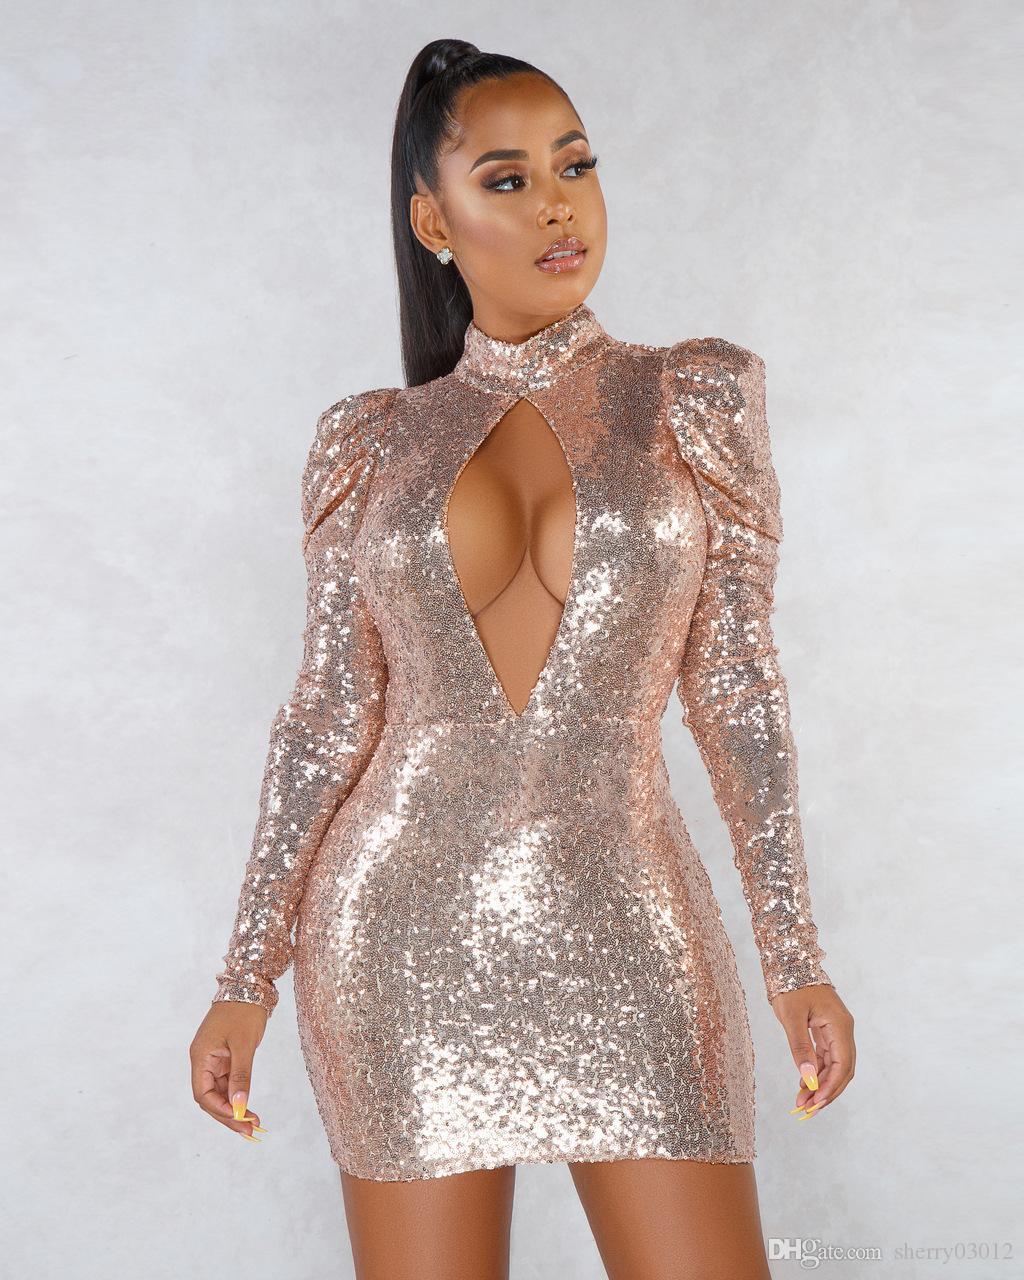 HISIMPLE 2019 femmes Paillettes maigre Vestidos Puff manches longues col montant Objet ou sujet détouré Mini robe moulante sexy Night Club soirée Backless Robe